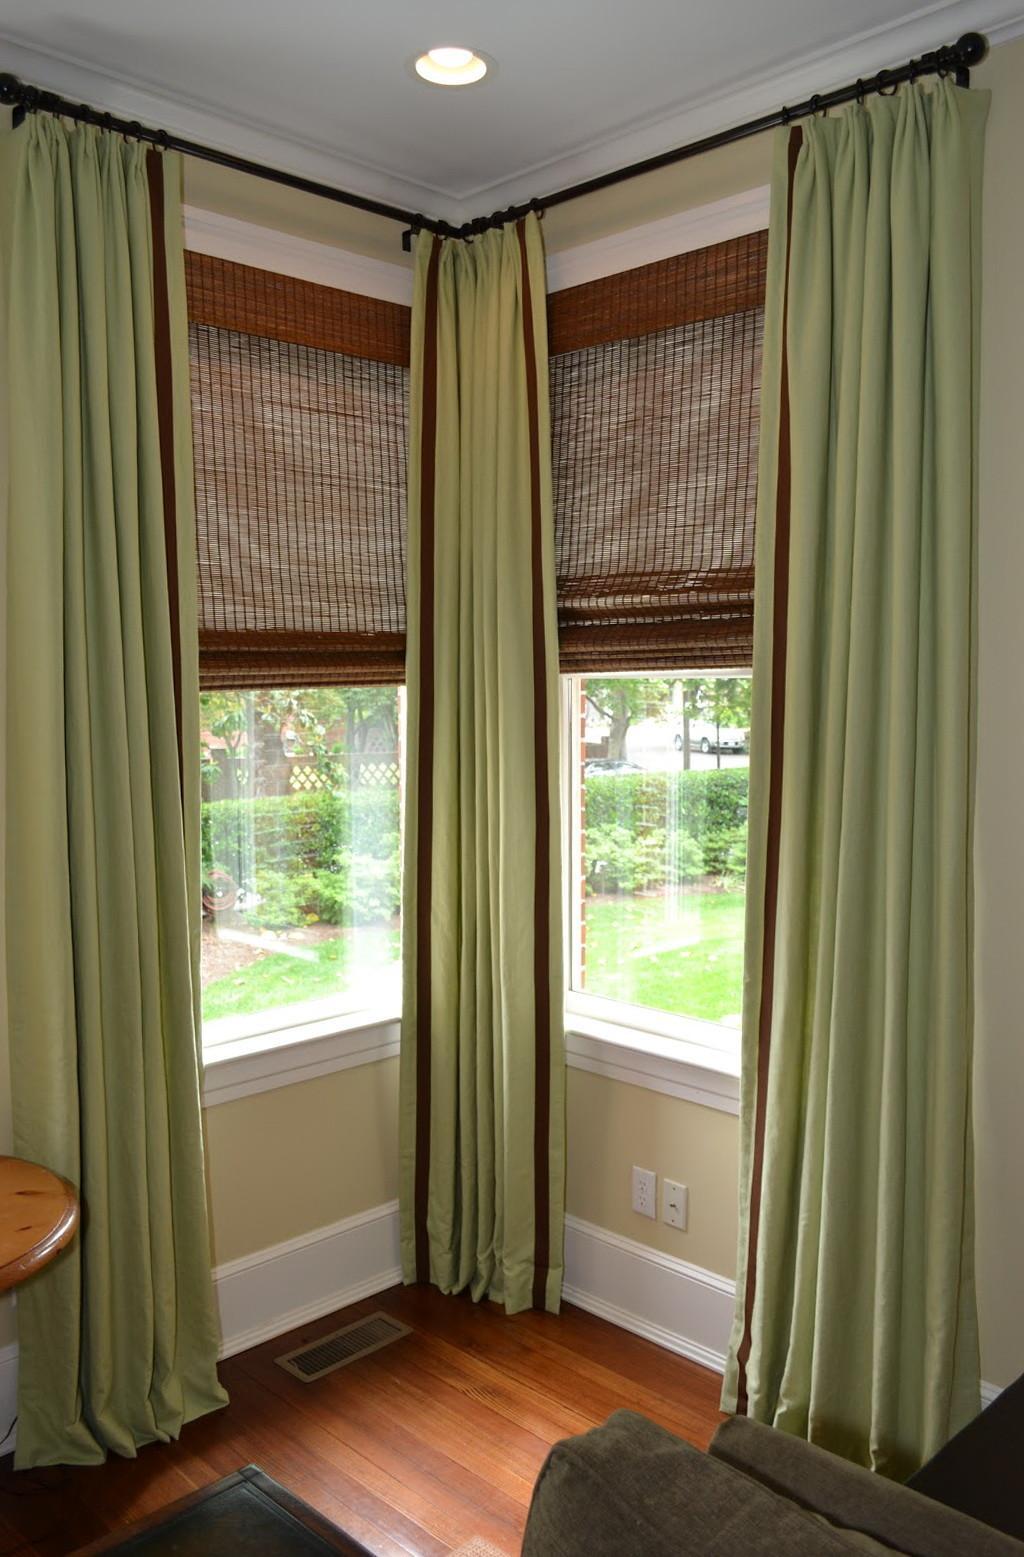 photo of corner window that will make